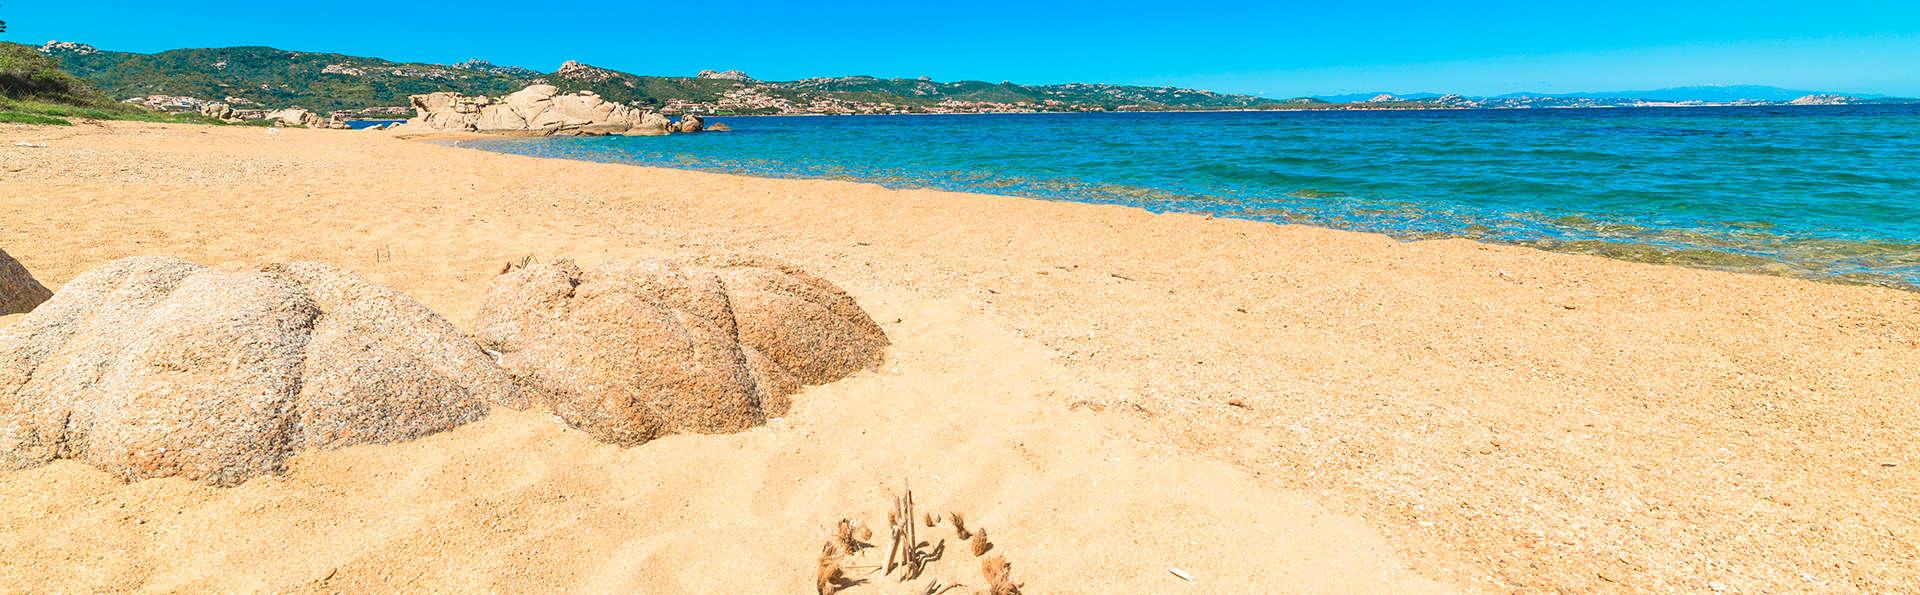 Vacanze in Sardegna sulla Costa Smeralda con nave Grimaldi (9 giorni/7 notti)